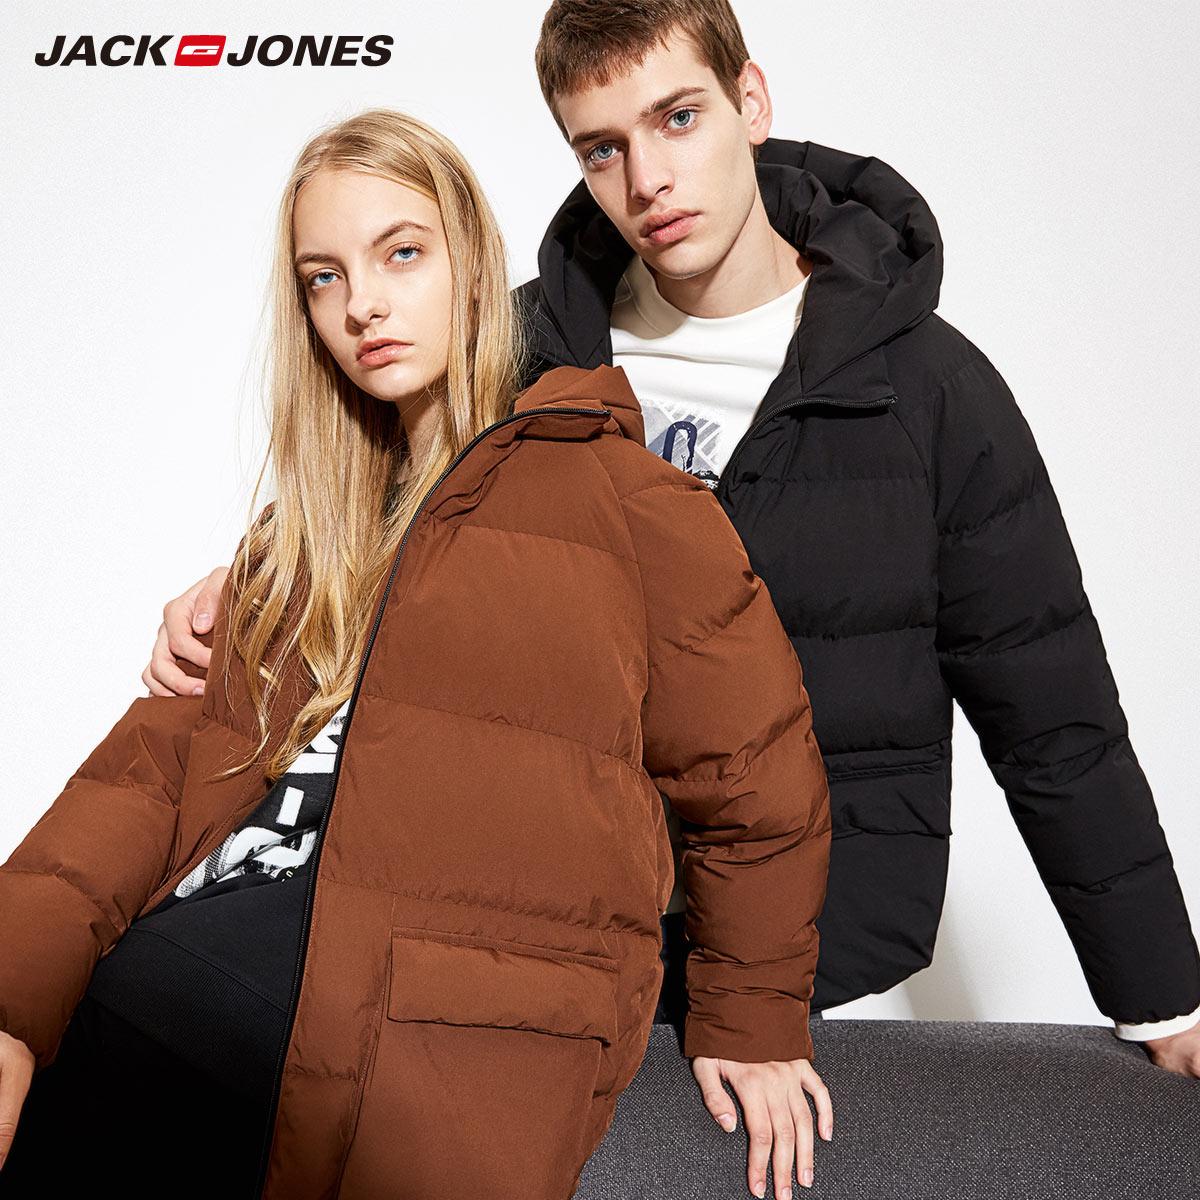 JackJones men's Winter Hooded Down Jacket Big Pockets Parka Coat Outerwear Short coat Menswear 218312514-in Down Jackets from Men's Clothing    1